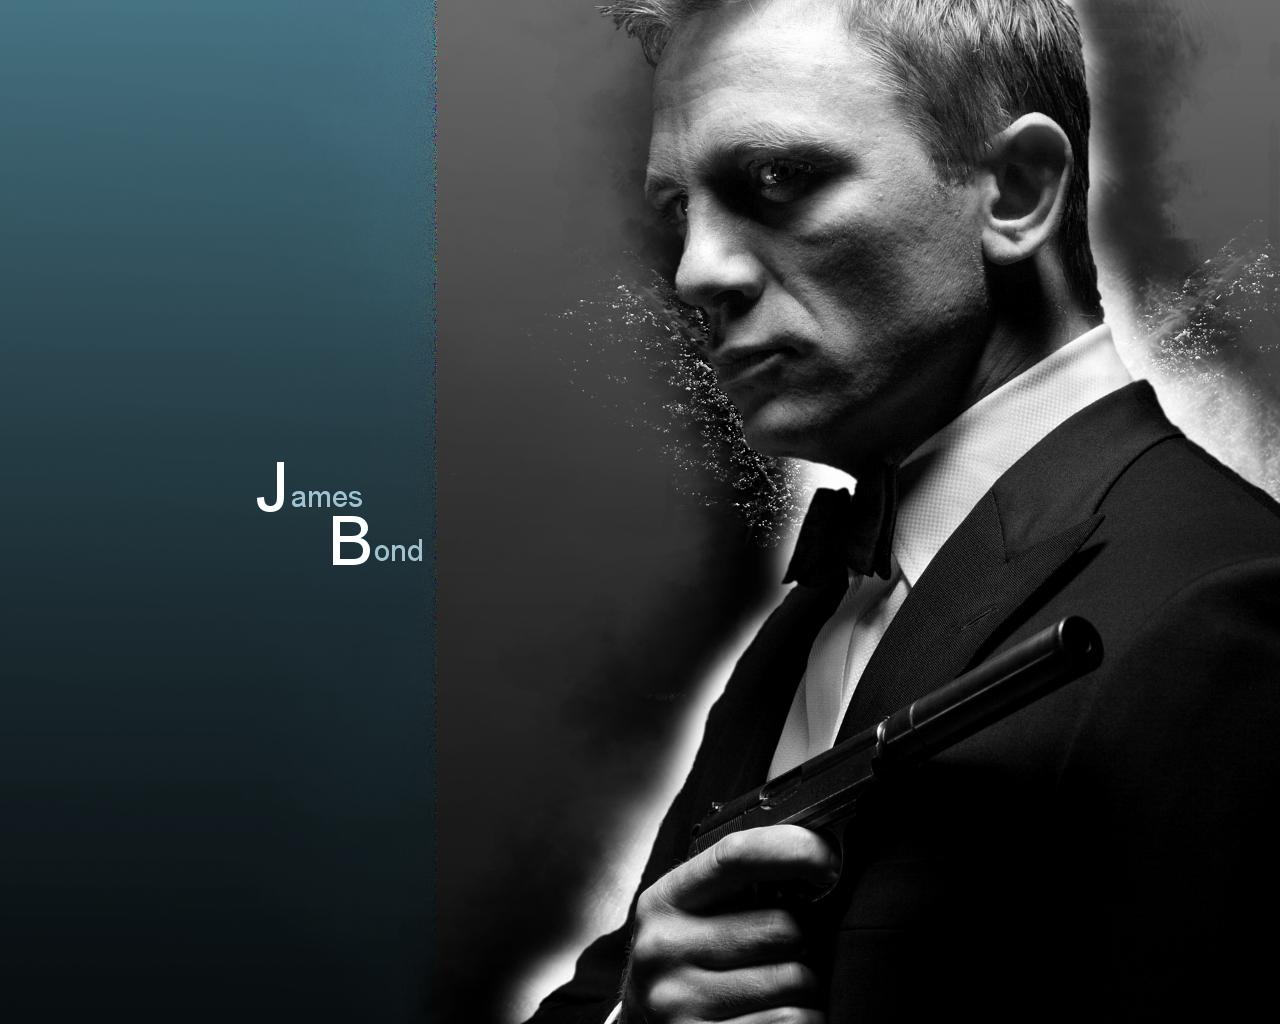 James Bond Daniel Craig Wallpaper